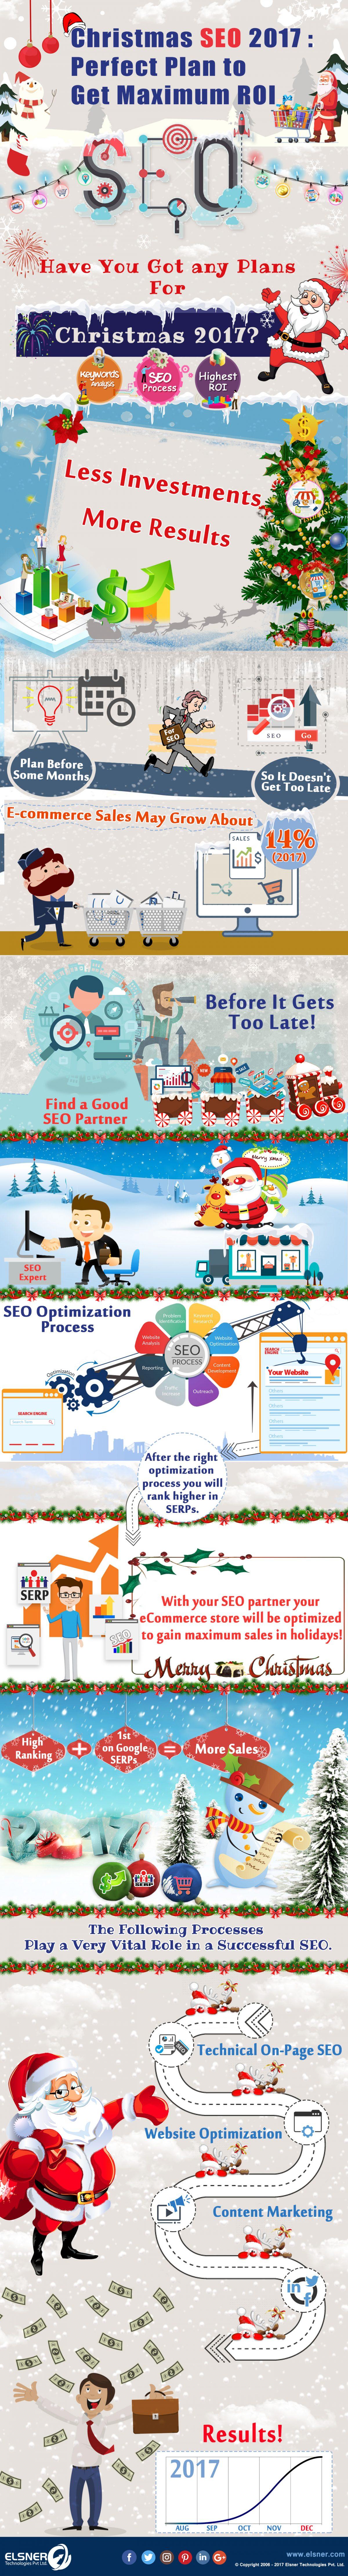 Christmas-SEO-2017-Perfect-Plan-to-Get-Maximum-ROI